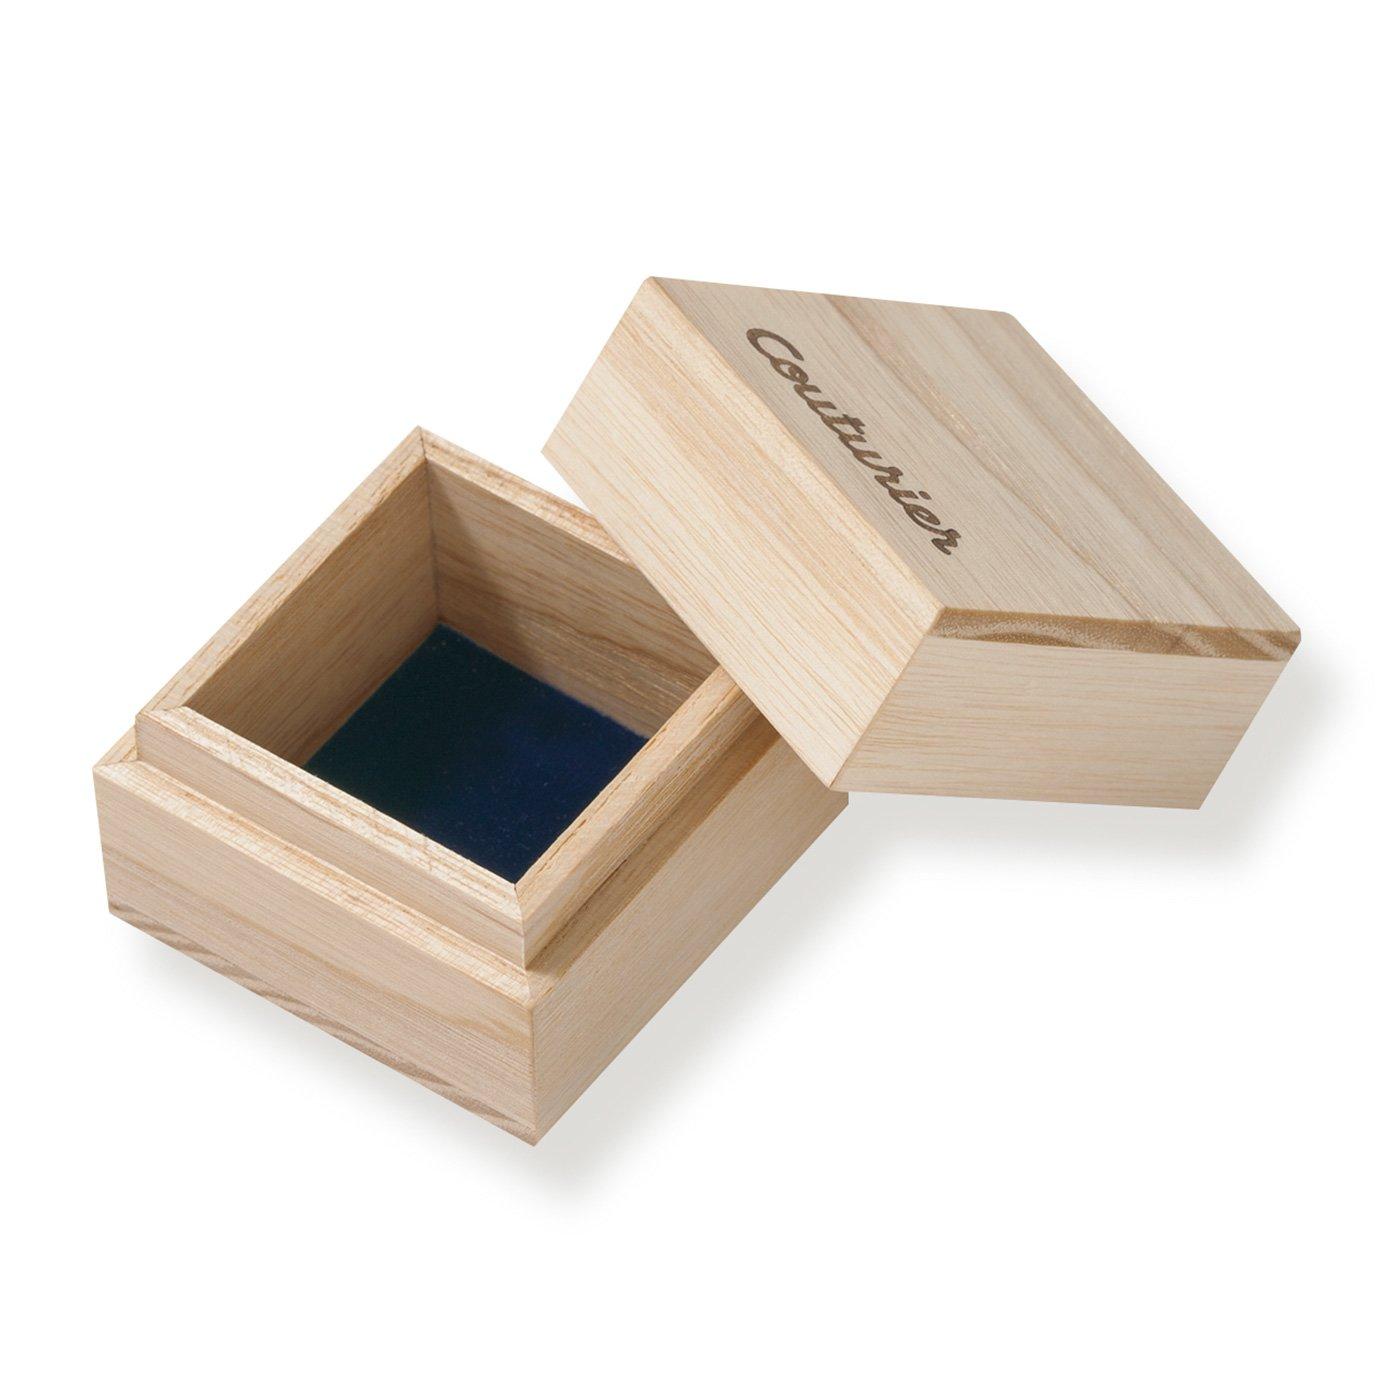 作品をさらに美しく 無垢材仕上げのちいさな木箱